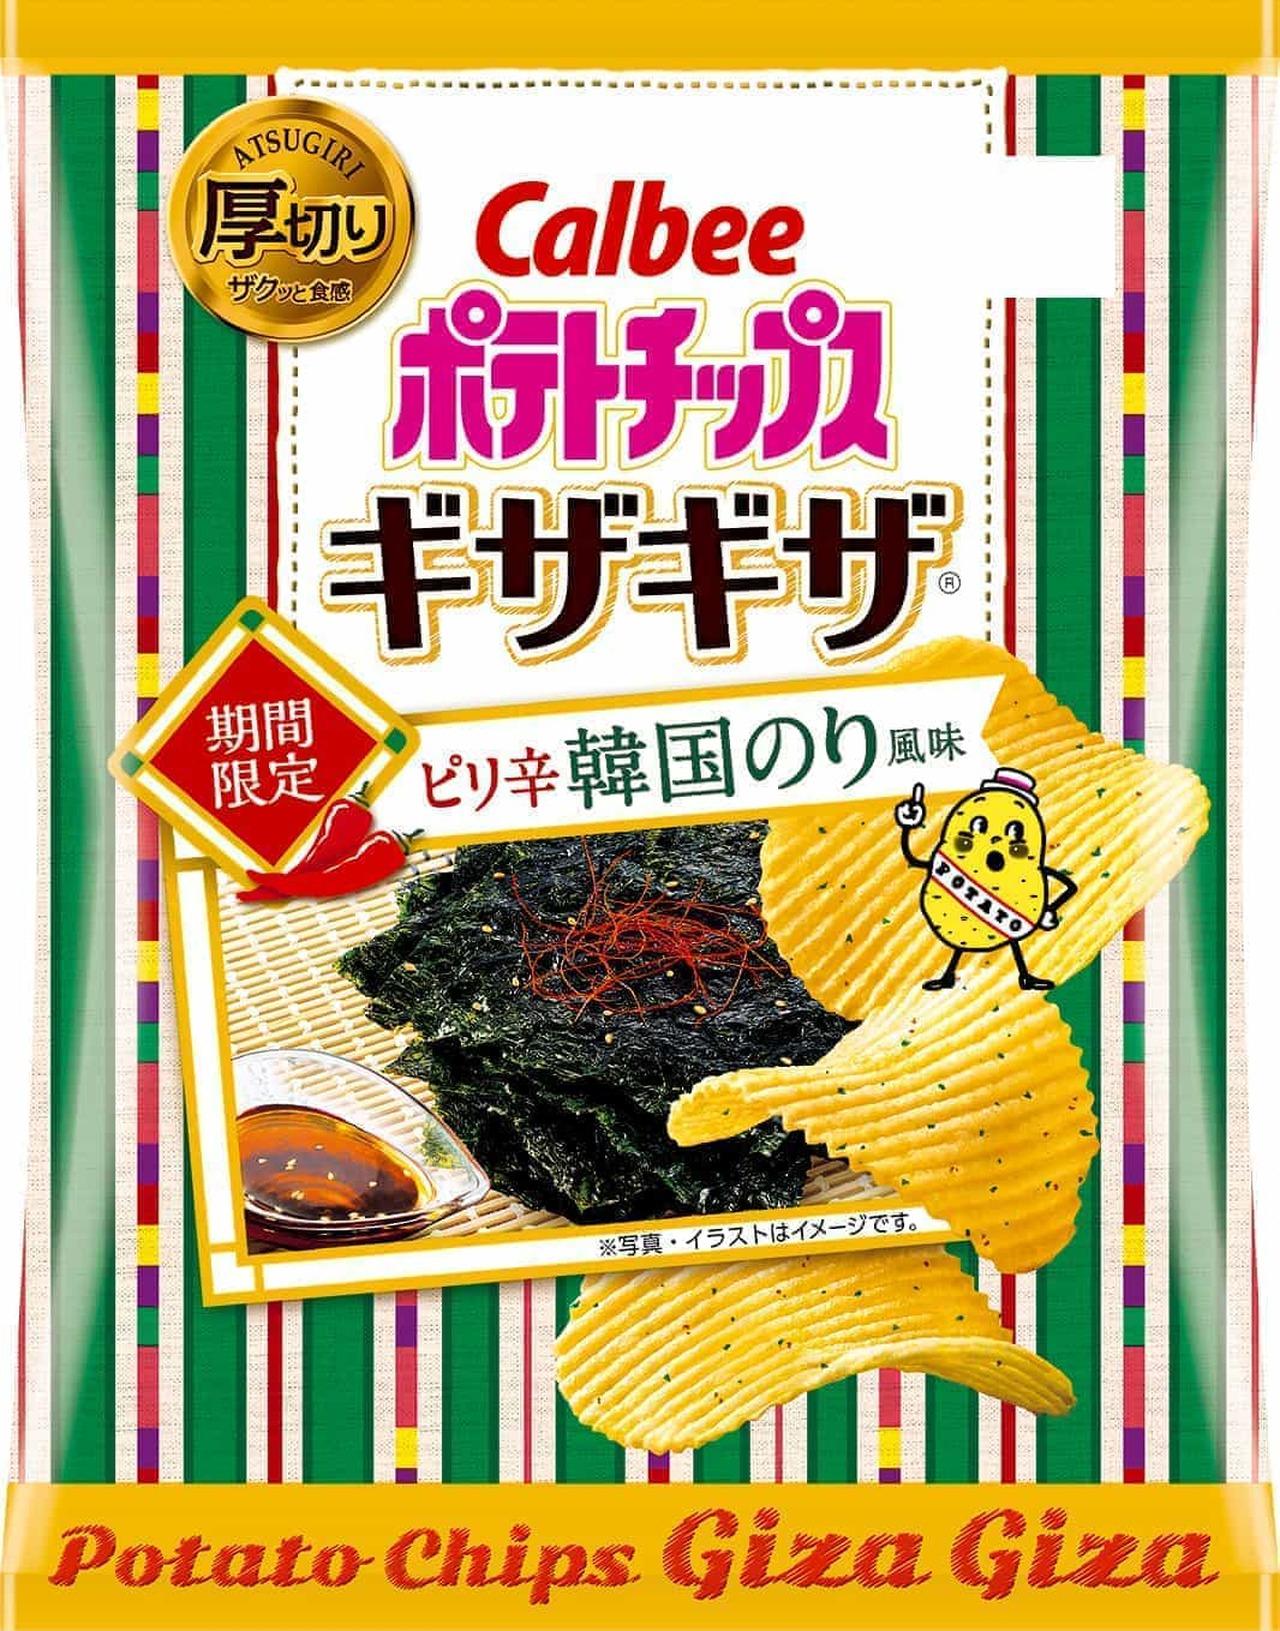 カルビー「ポテトチップスギザギザ ピリ辛韓国のり風味」